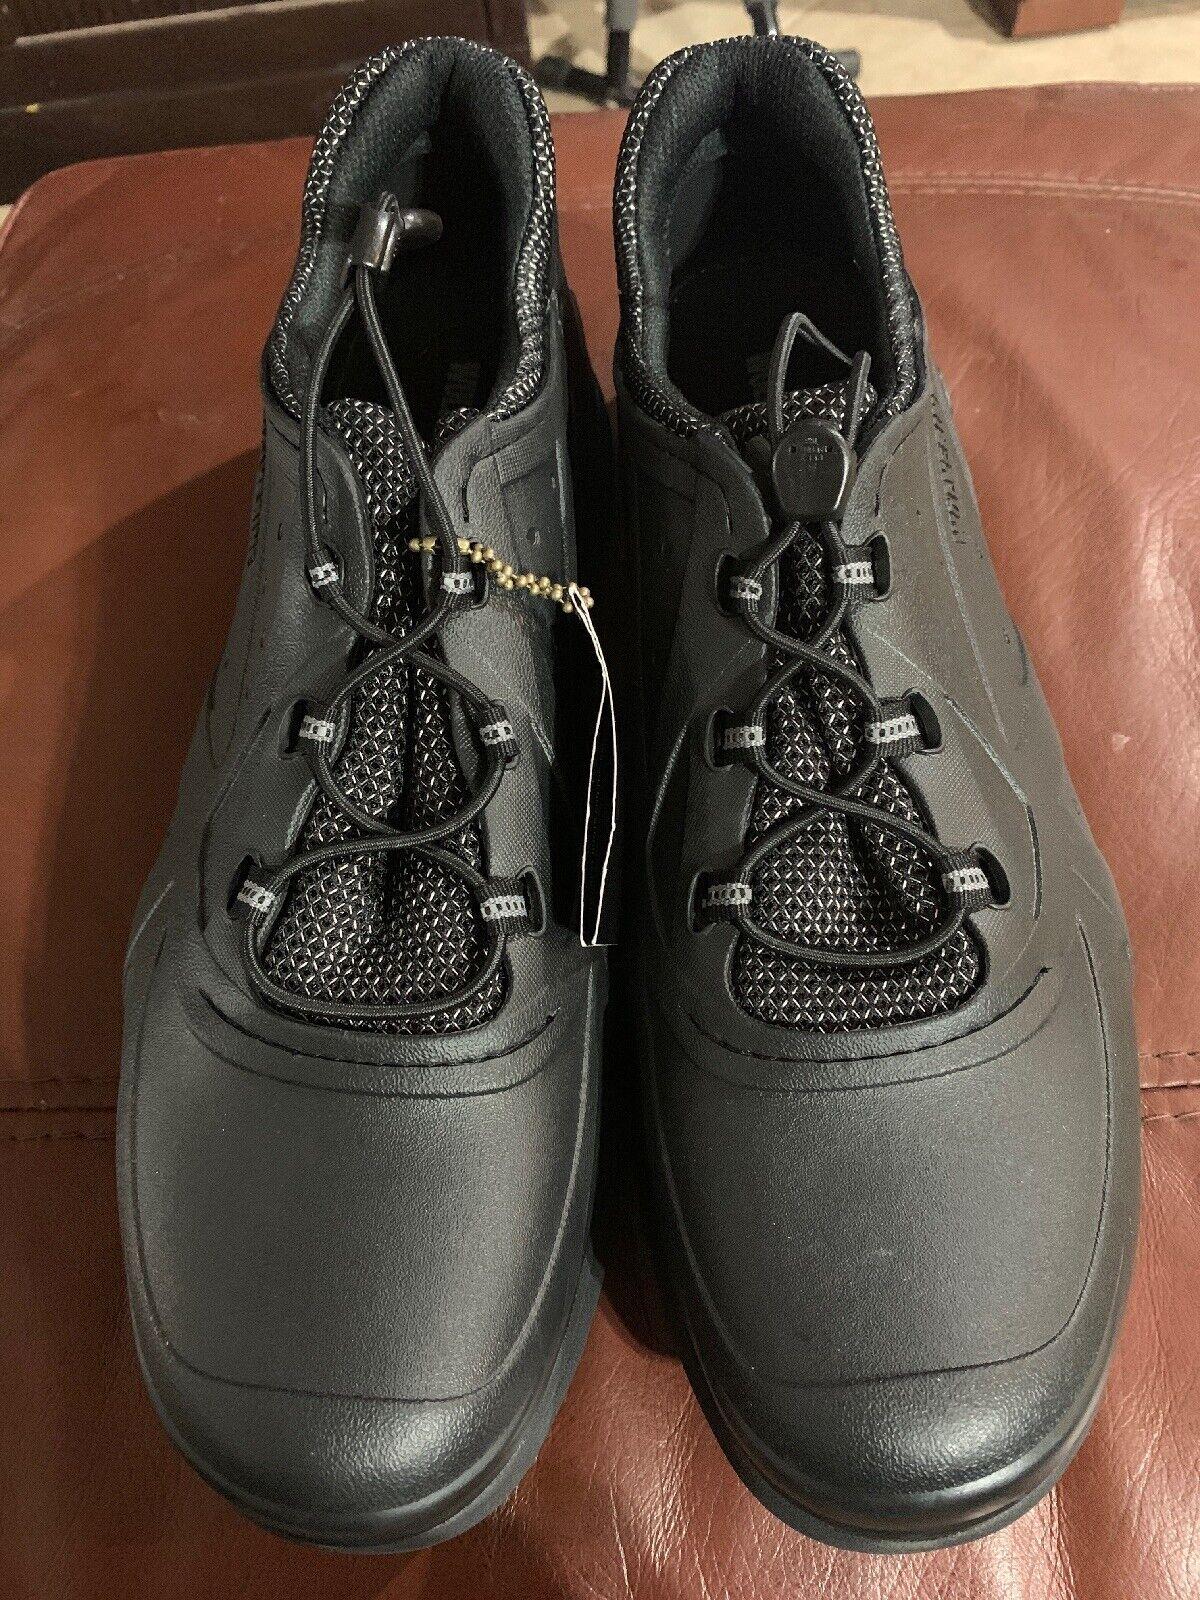 New Hommes Wolverine W20516 Serve SR Travail Chaussures Noir Taille 14